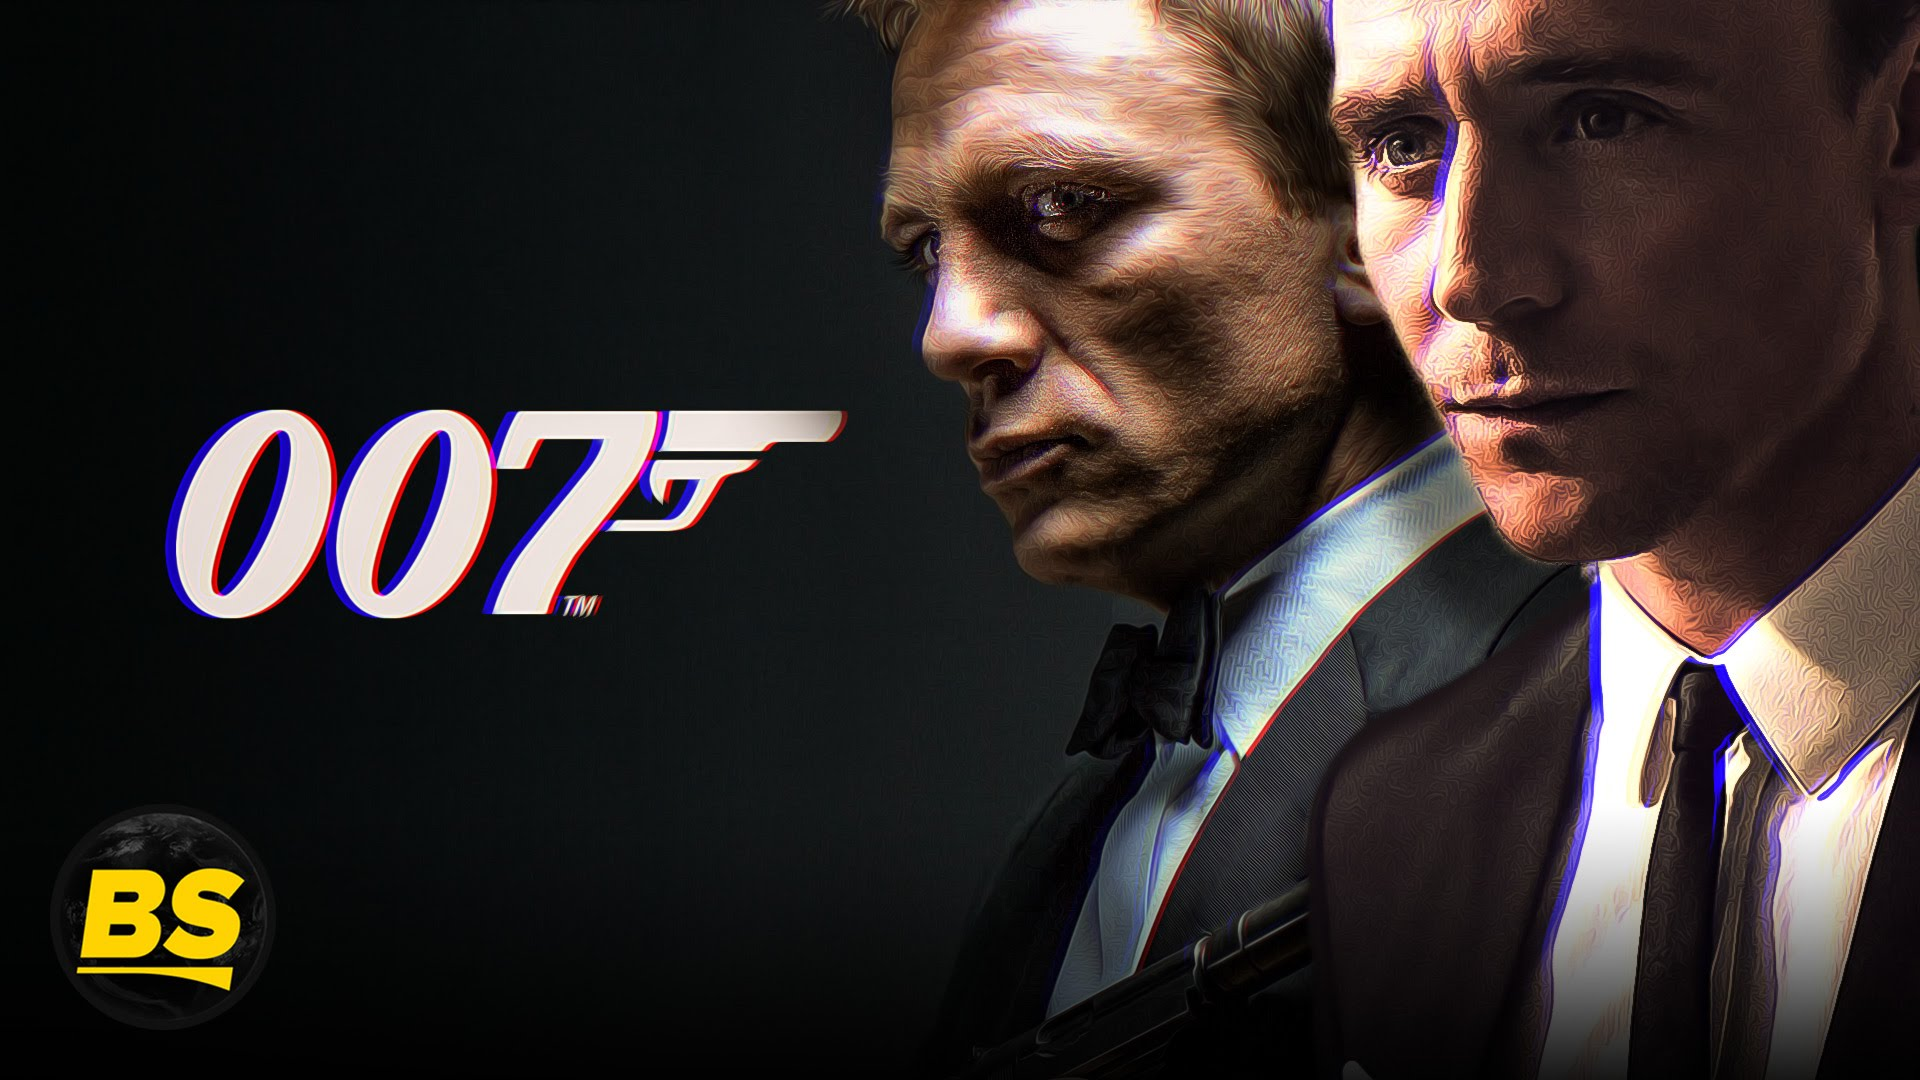 Дэниел Крейг сыграет Джеймса Бонда еще в 2-х фильмах